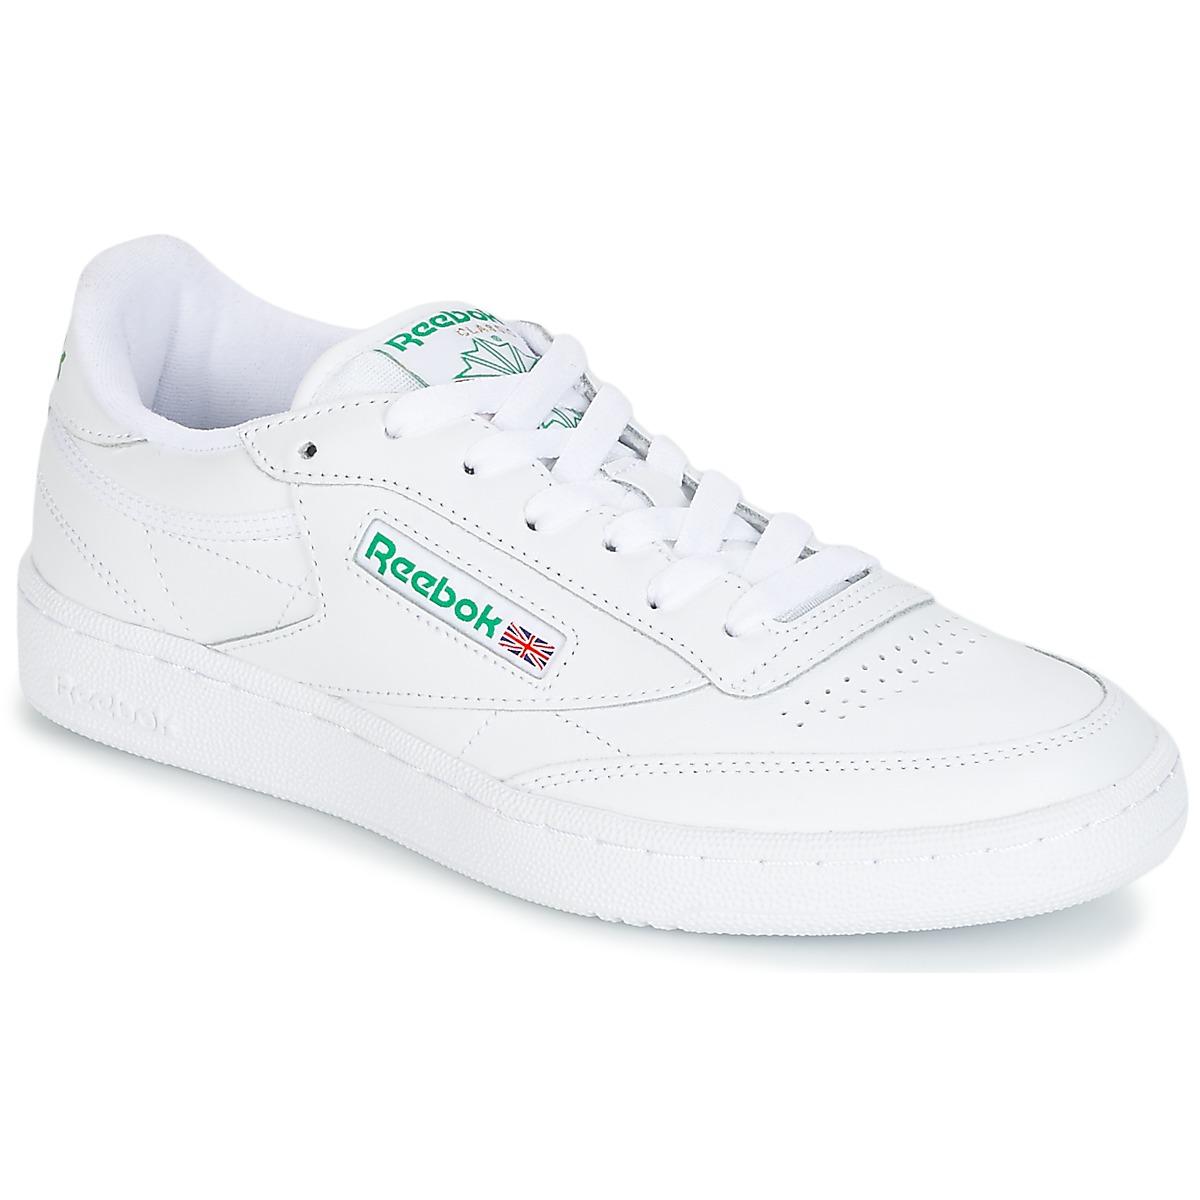 Reebok Classic CLUB C 85 Weiss / Grün - Kostenloser Versand bei Spartoode ! - Schuhe Sneaker Low  72,00 €